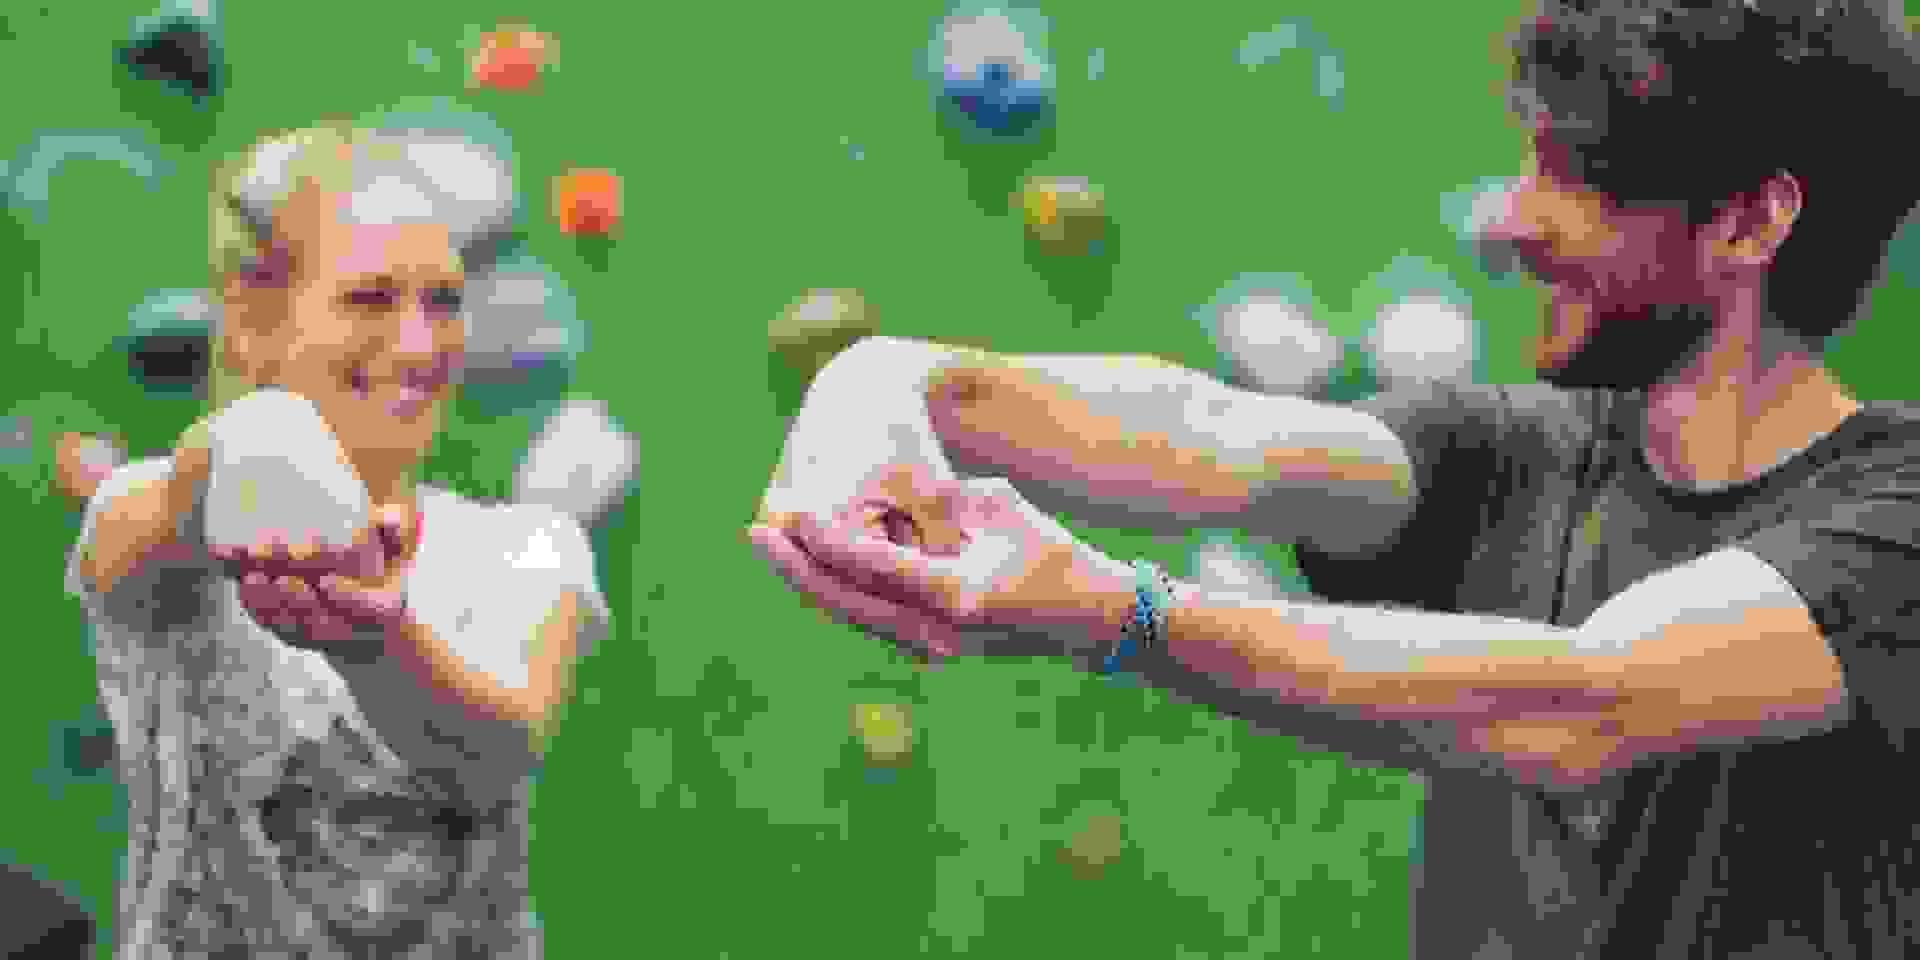 Ein Mann und eine Frau wärmen sich für das Bouldern auf. Dafür strecken sie einen Arm nach vorne aus, winkeln die Faust nach unten ab und ziehen diese mit der anderen Hand an den Körper.